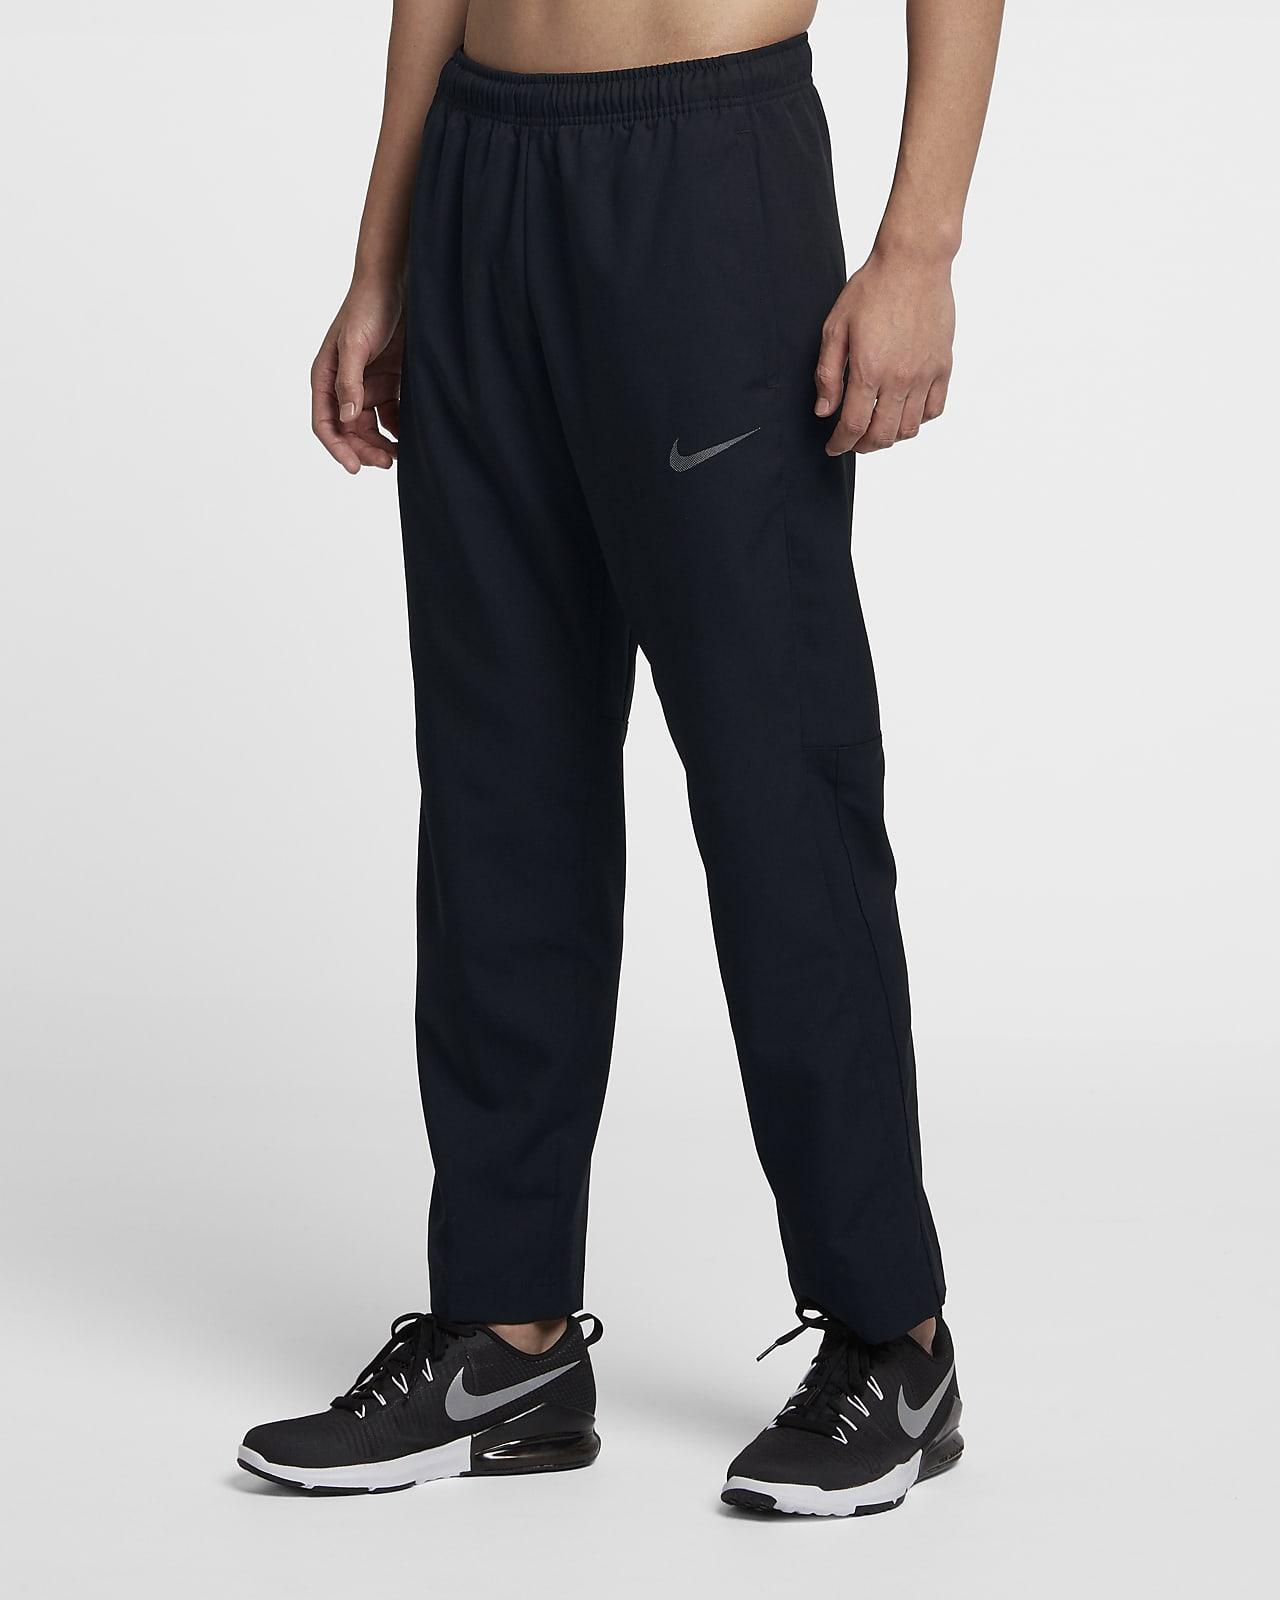 Träningsbyxor Nike Dri-FIT för män